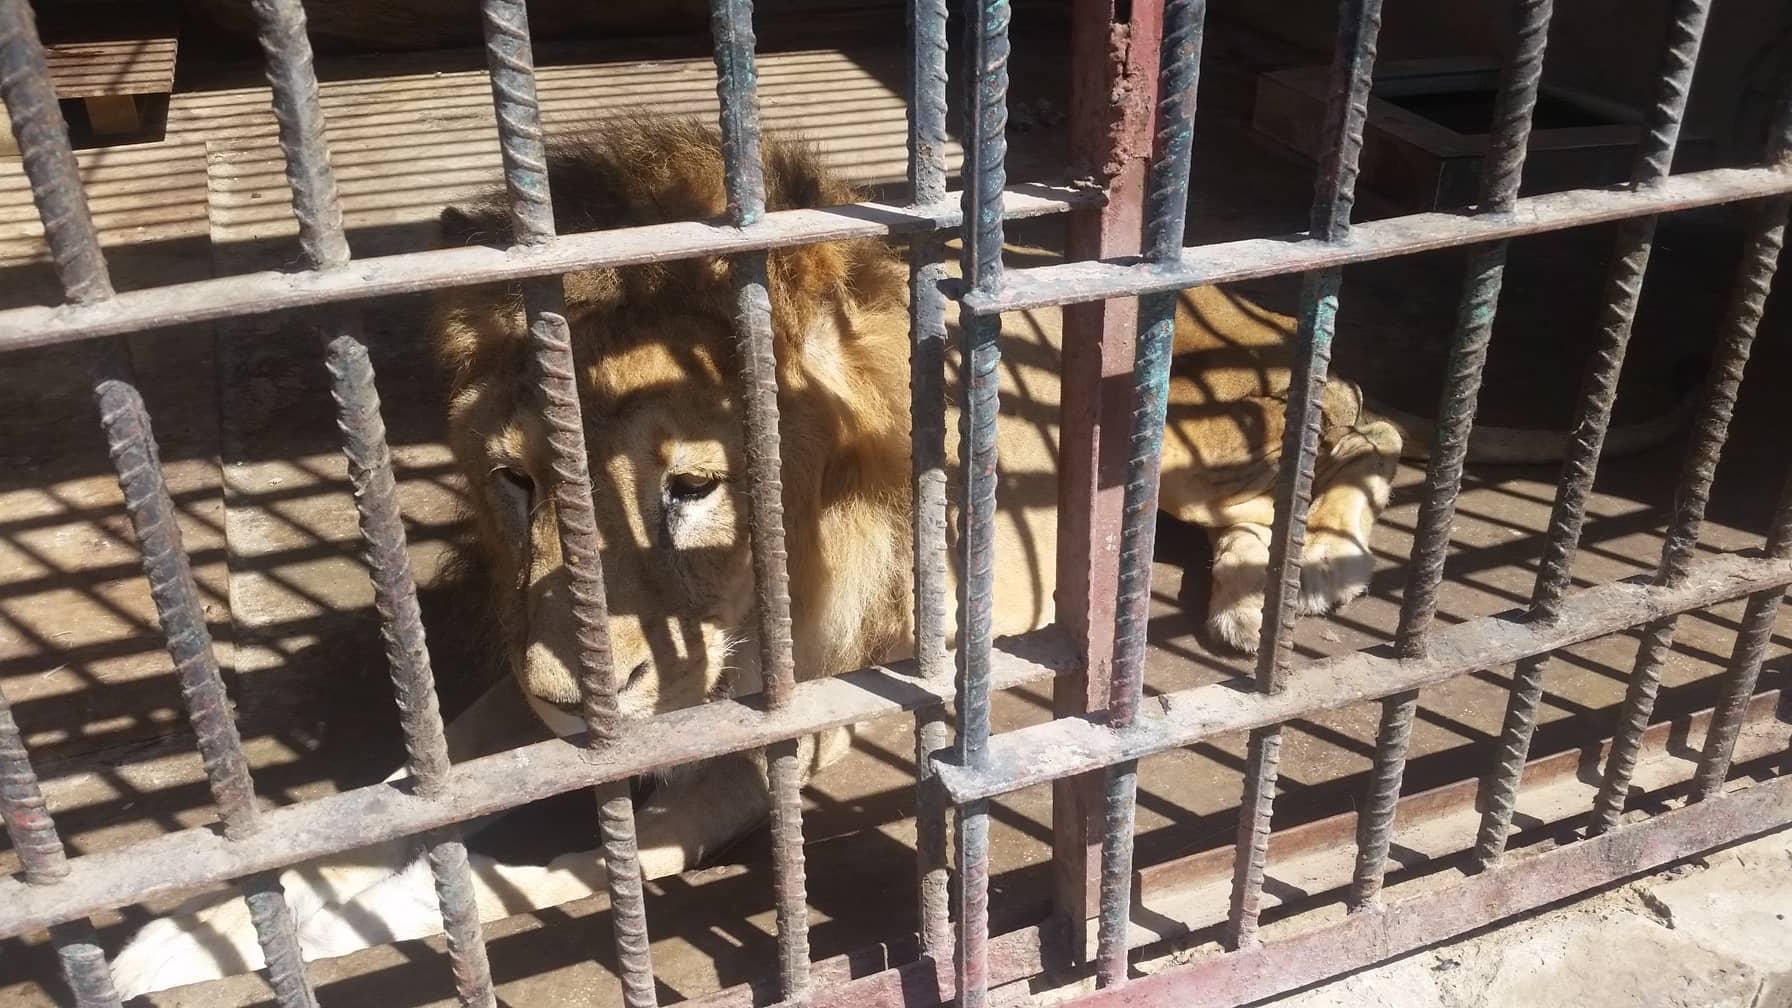 taiz 9 FEB 2019 OWAP-AR copywrite zoo yemen rescue.jpg